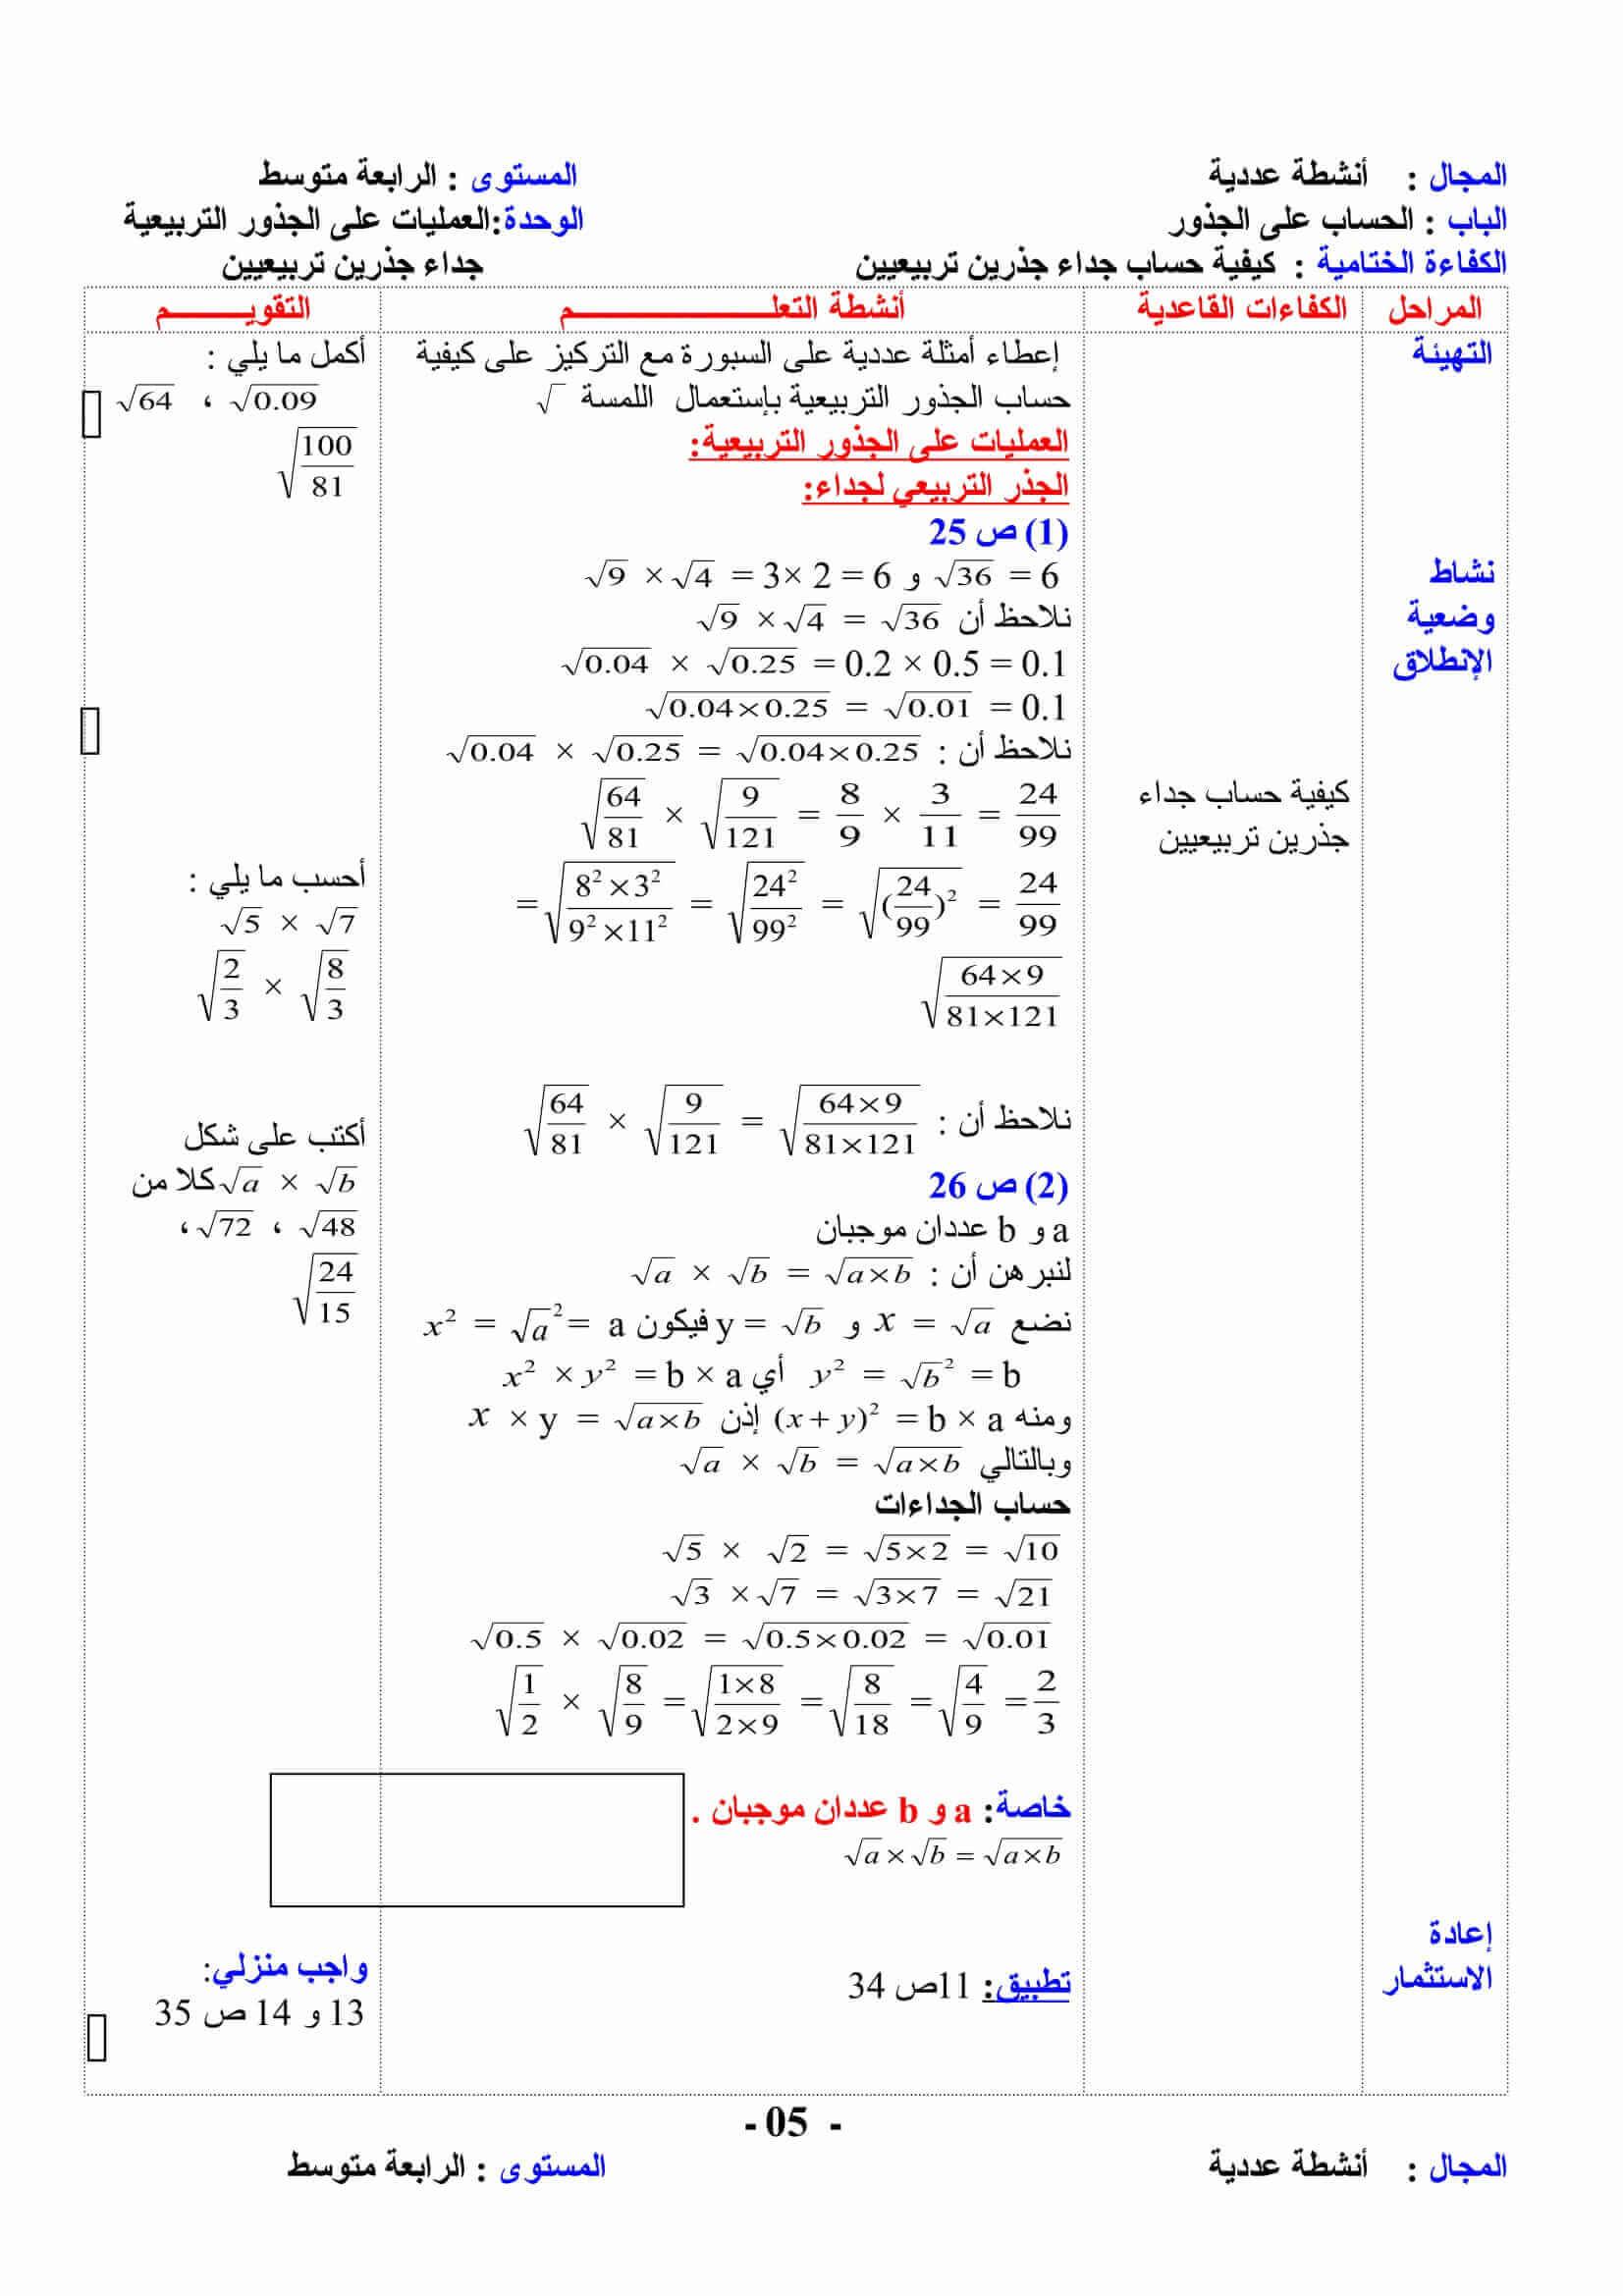 حل تمارين الرياضيات للسنة الرابعة متوسط ص 25,26 10-1